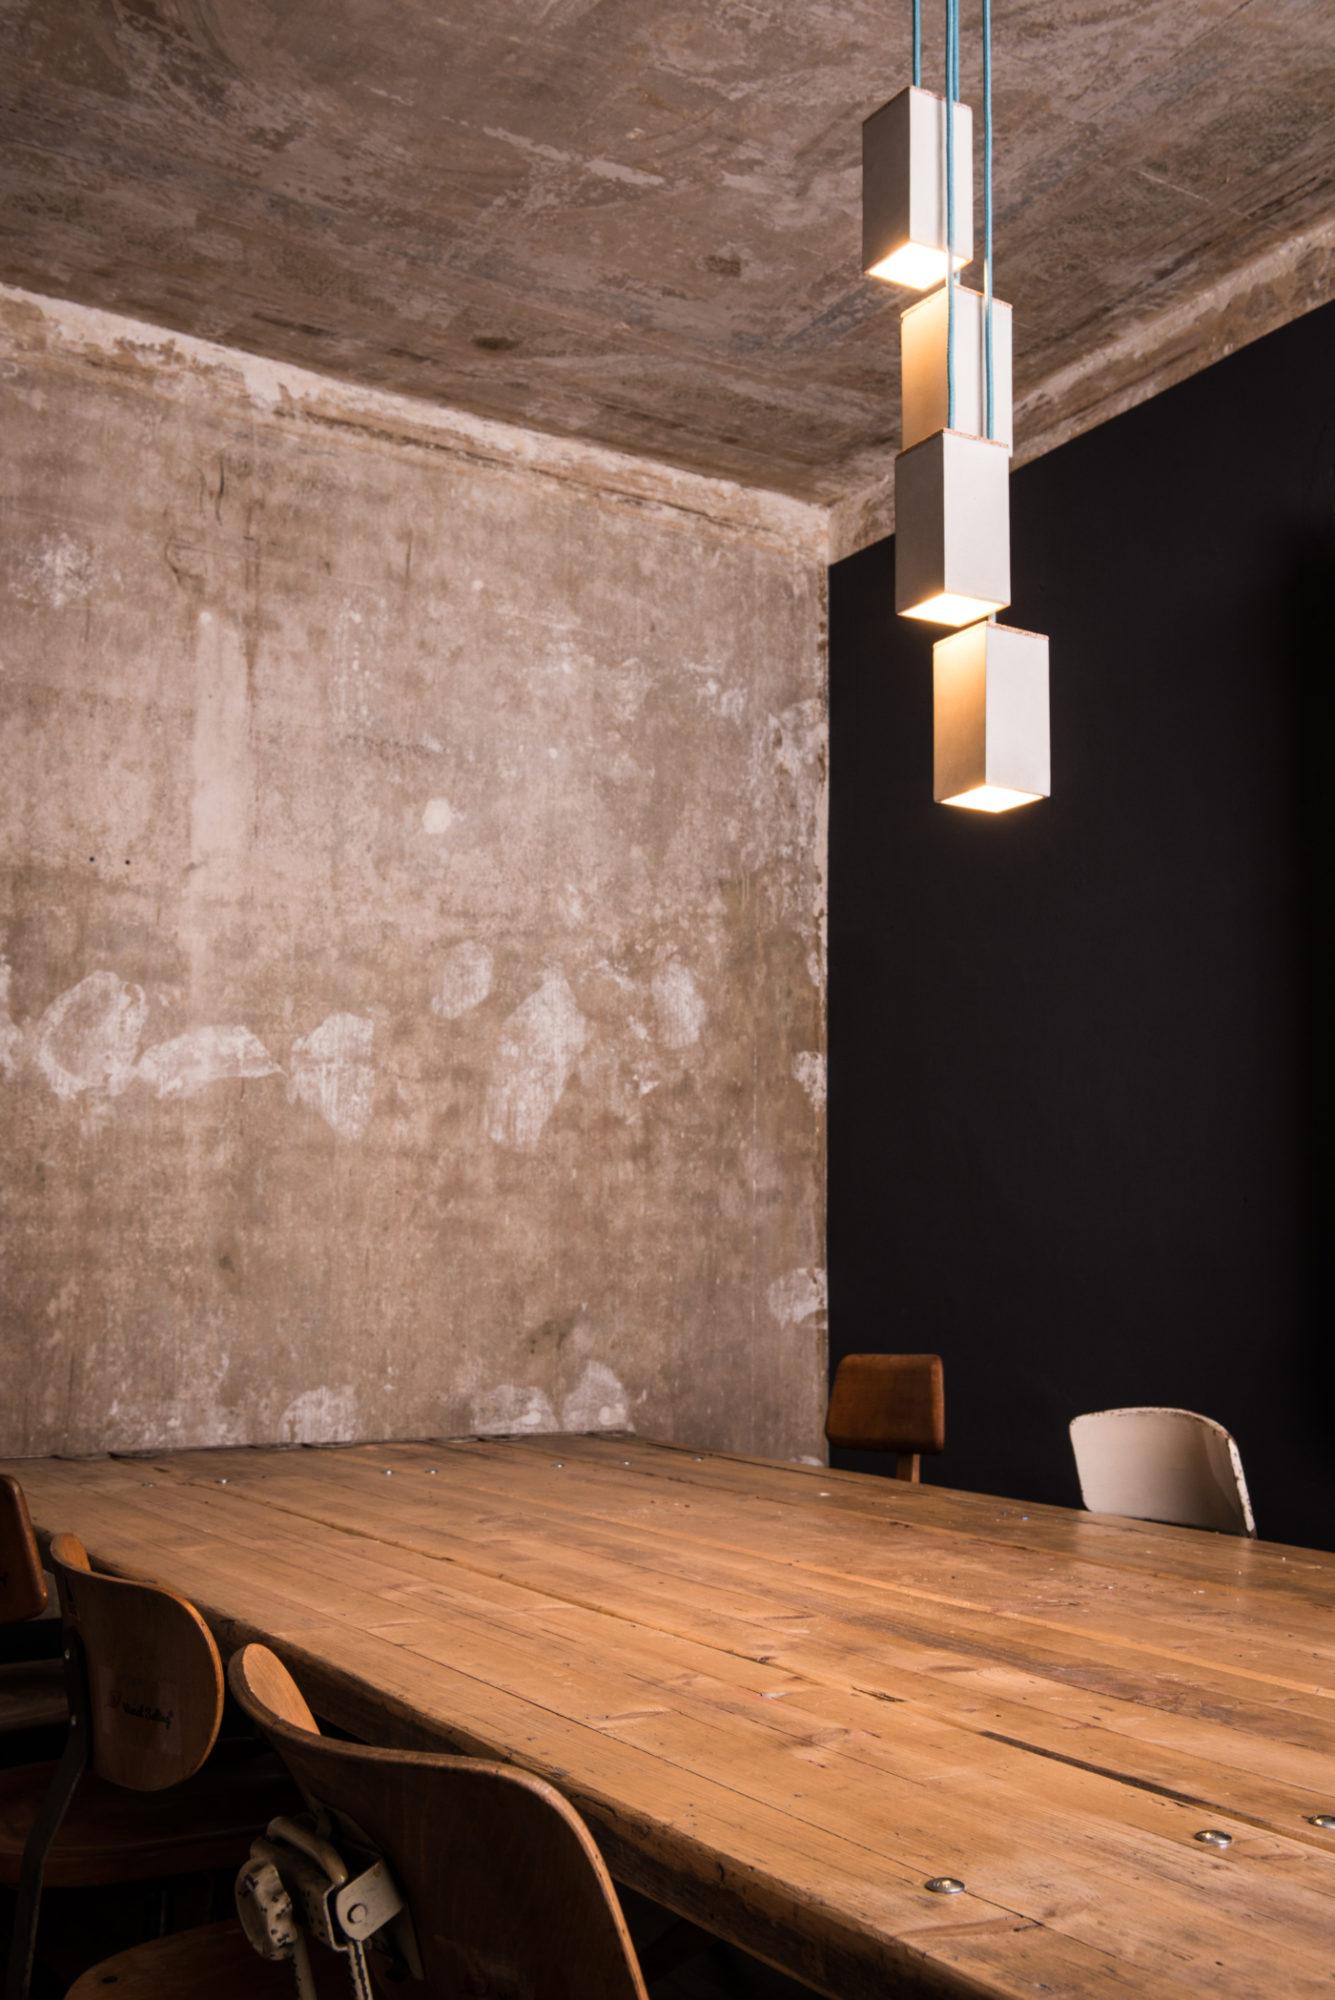 Beton-Pendelleuchte MARTHA aus der Heine & Becker Manufaktur